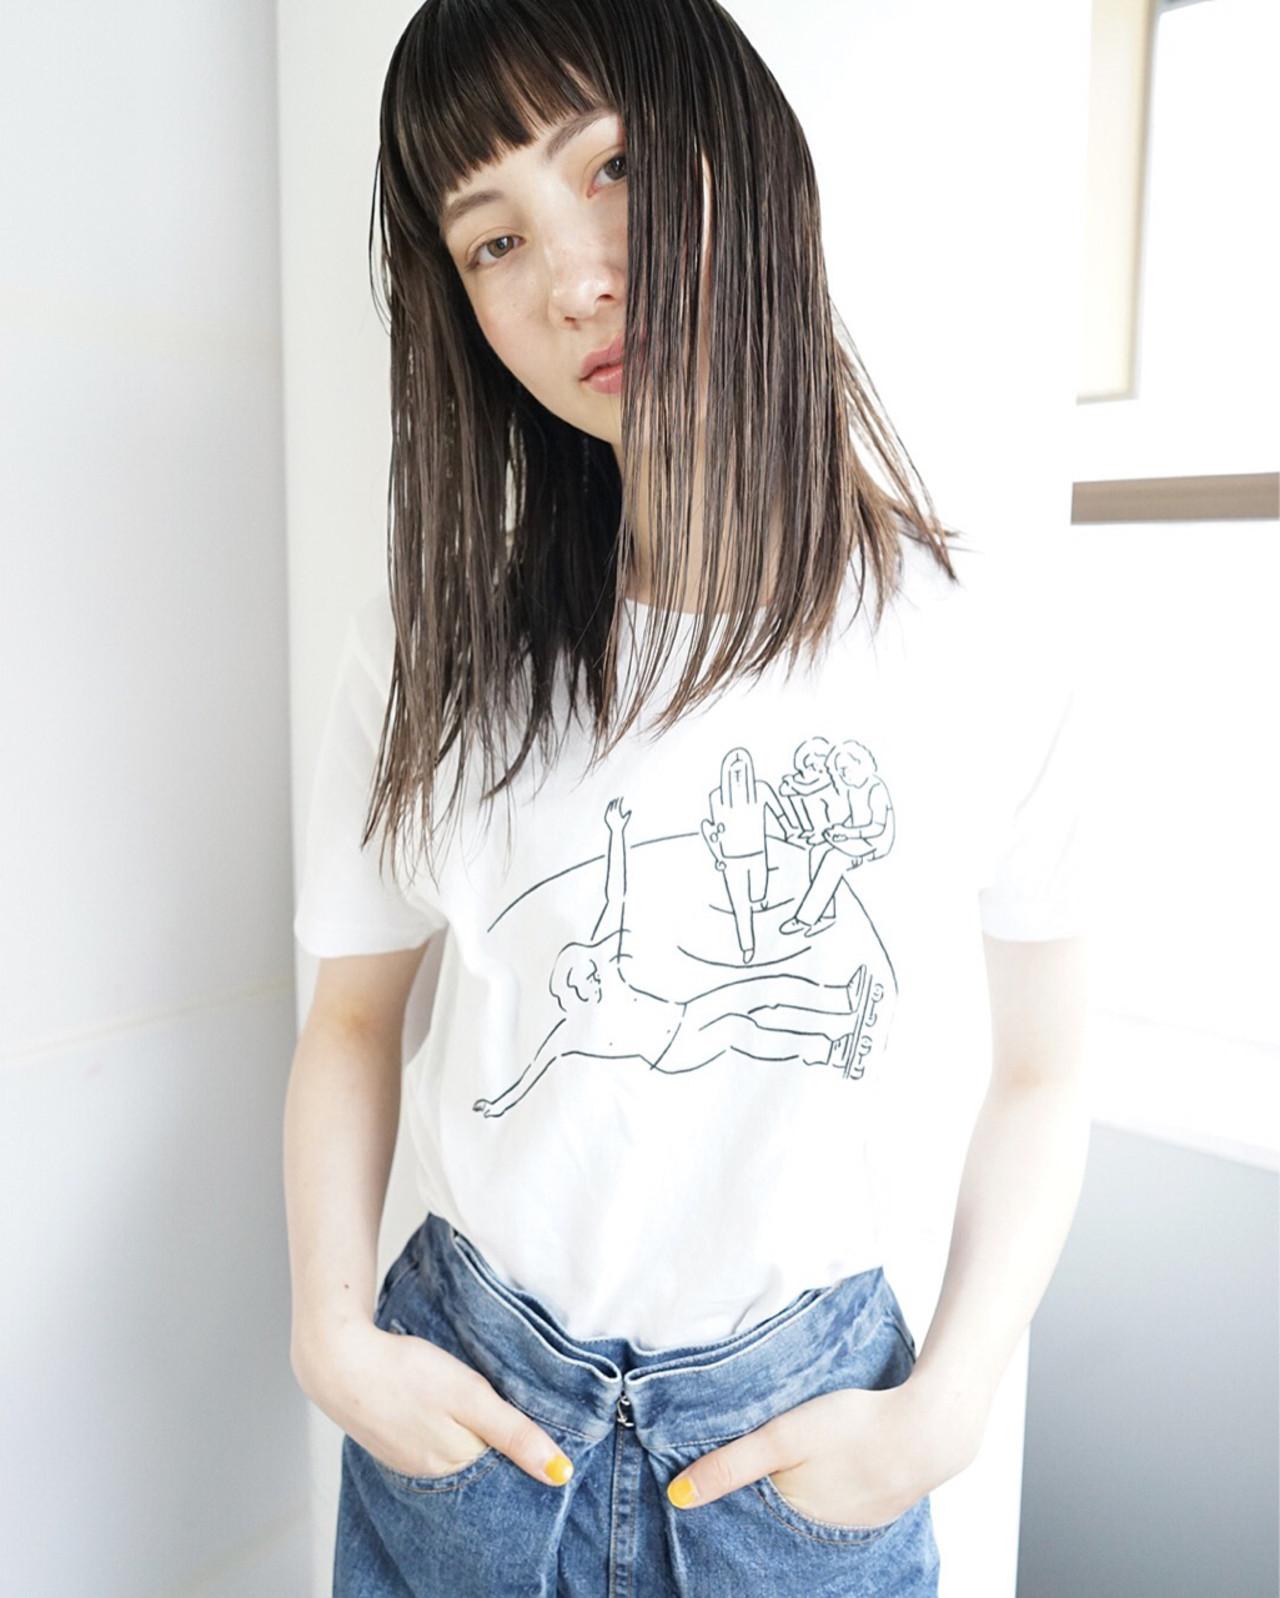 巻き髪ストレートヘア。オシャレに魅せたい、アンニュイスタイル。 佐野 正人 / nanuk